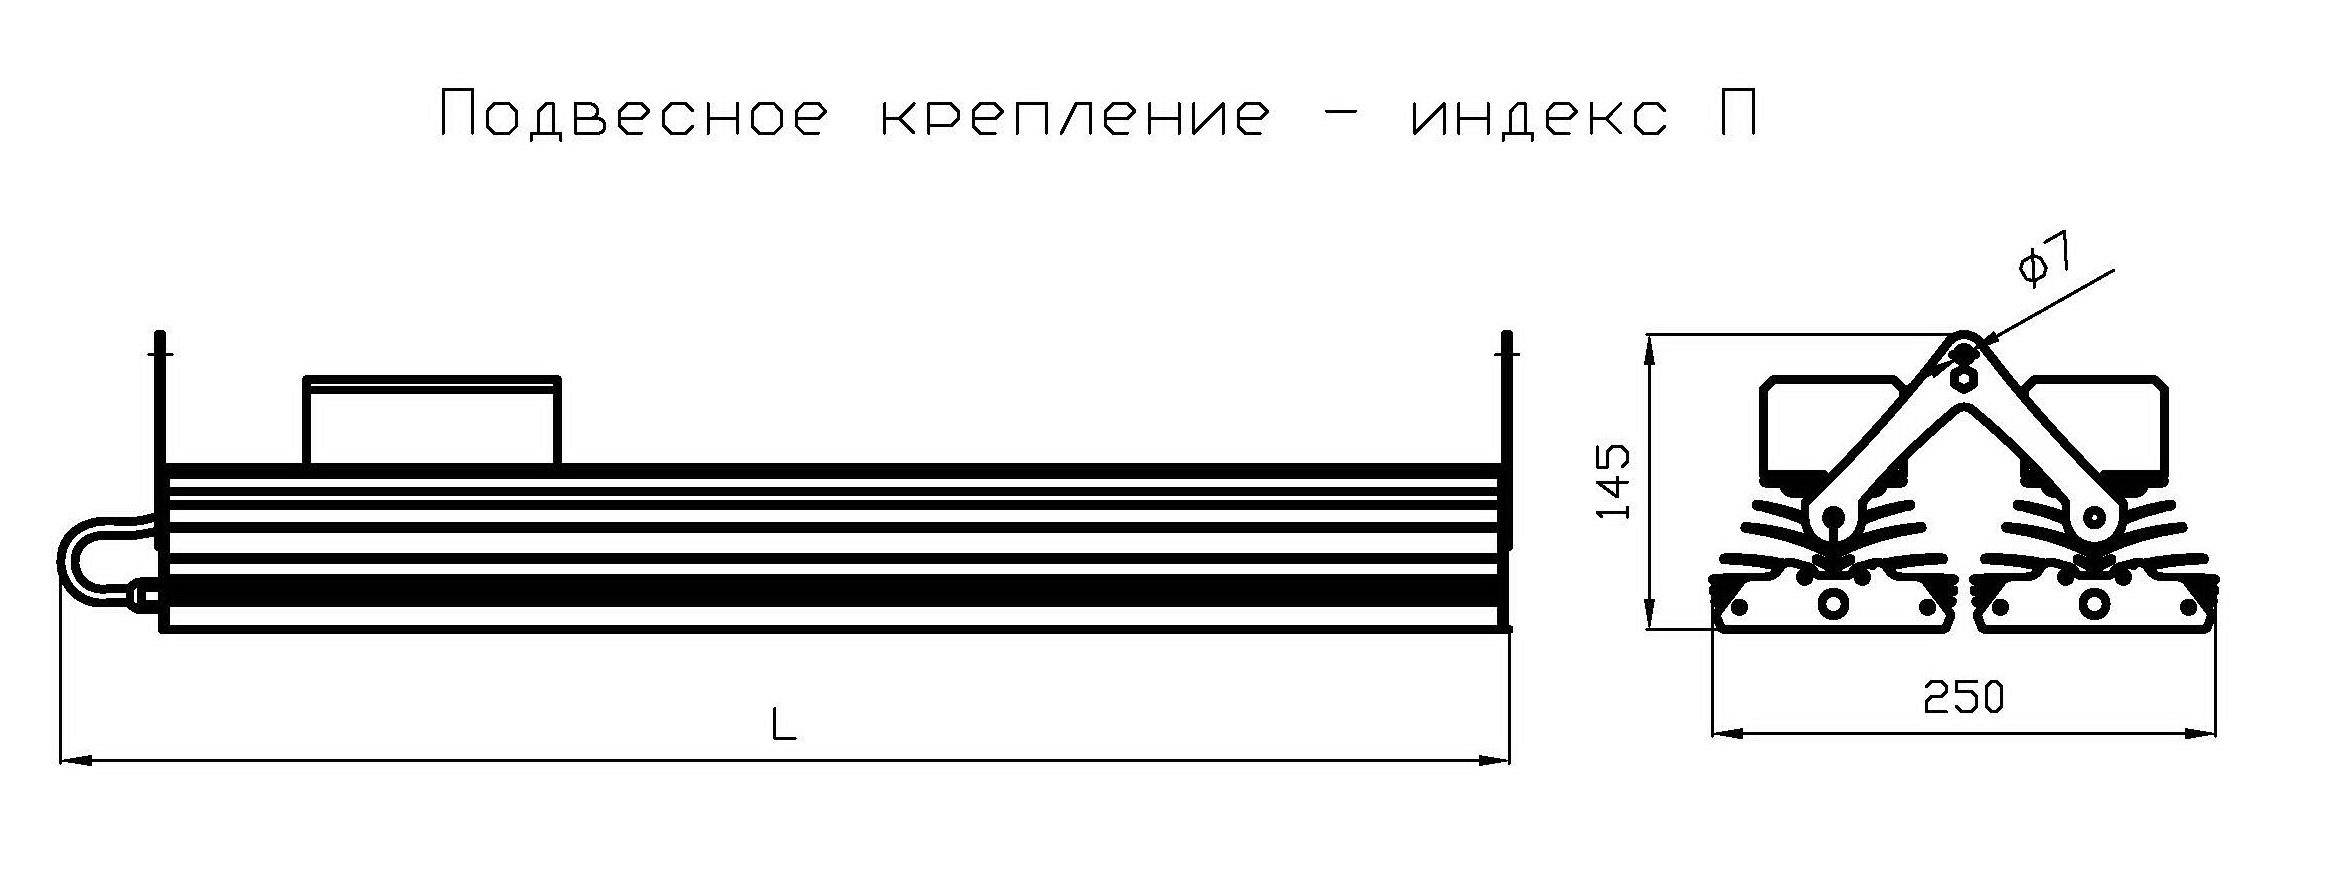 КОНСТРУКЦИЯ QUANTUM 180/2МА-П